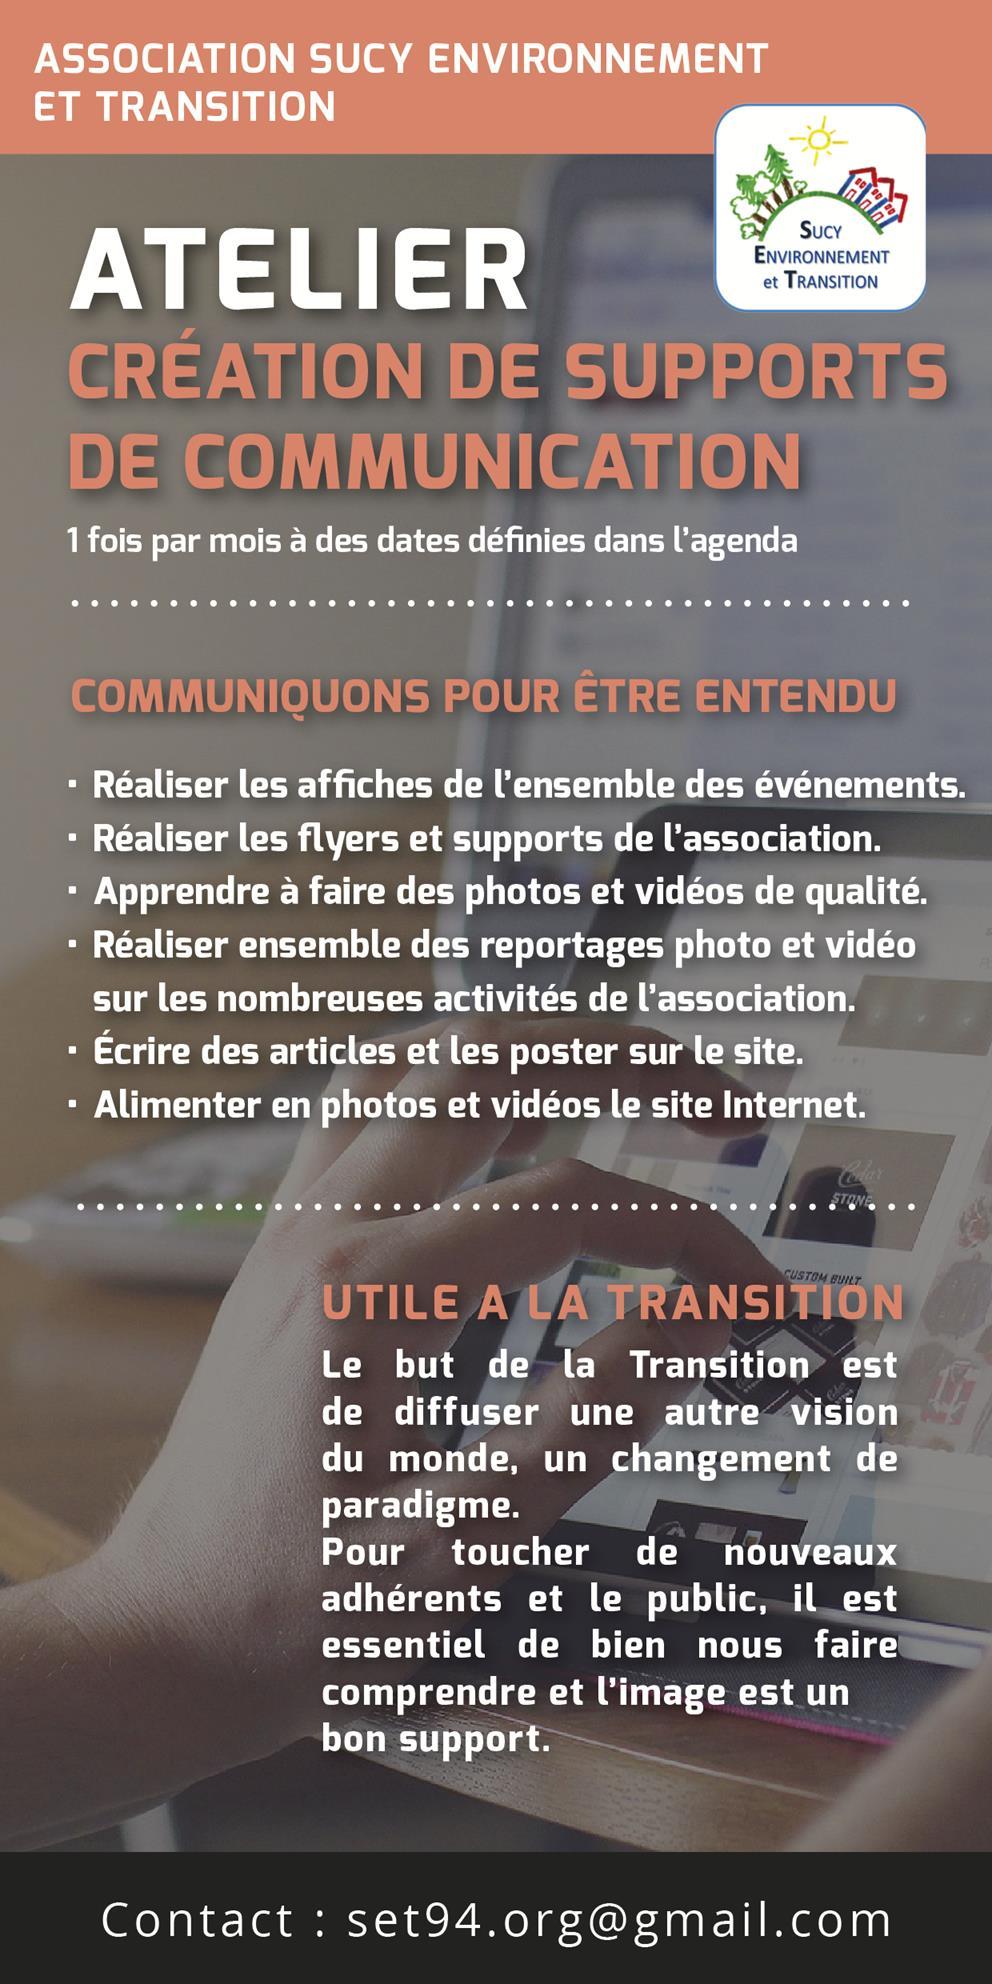 Atelier_Communication (Copy)